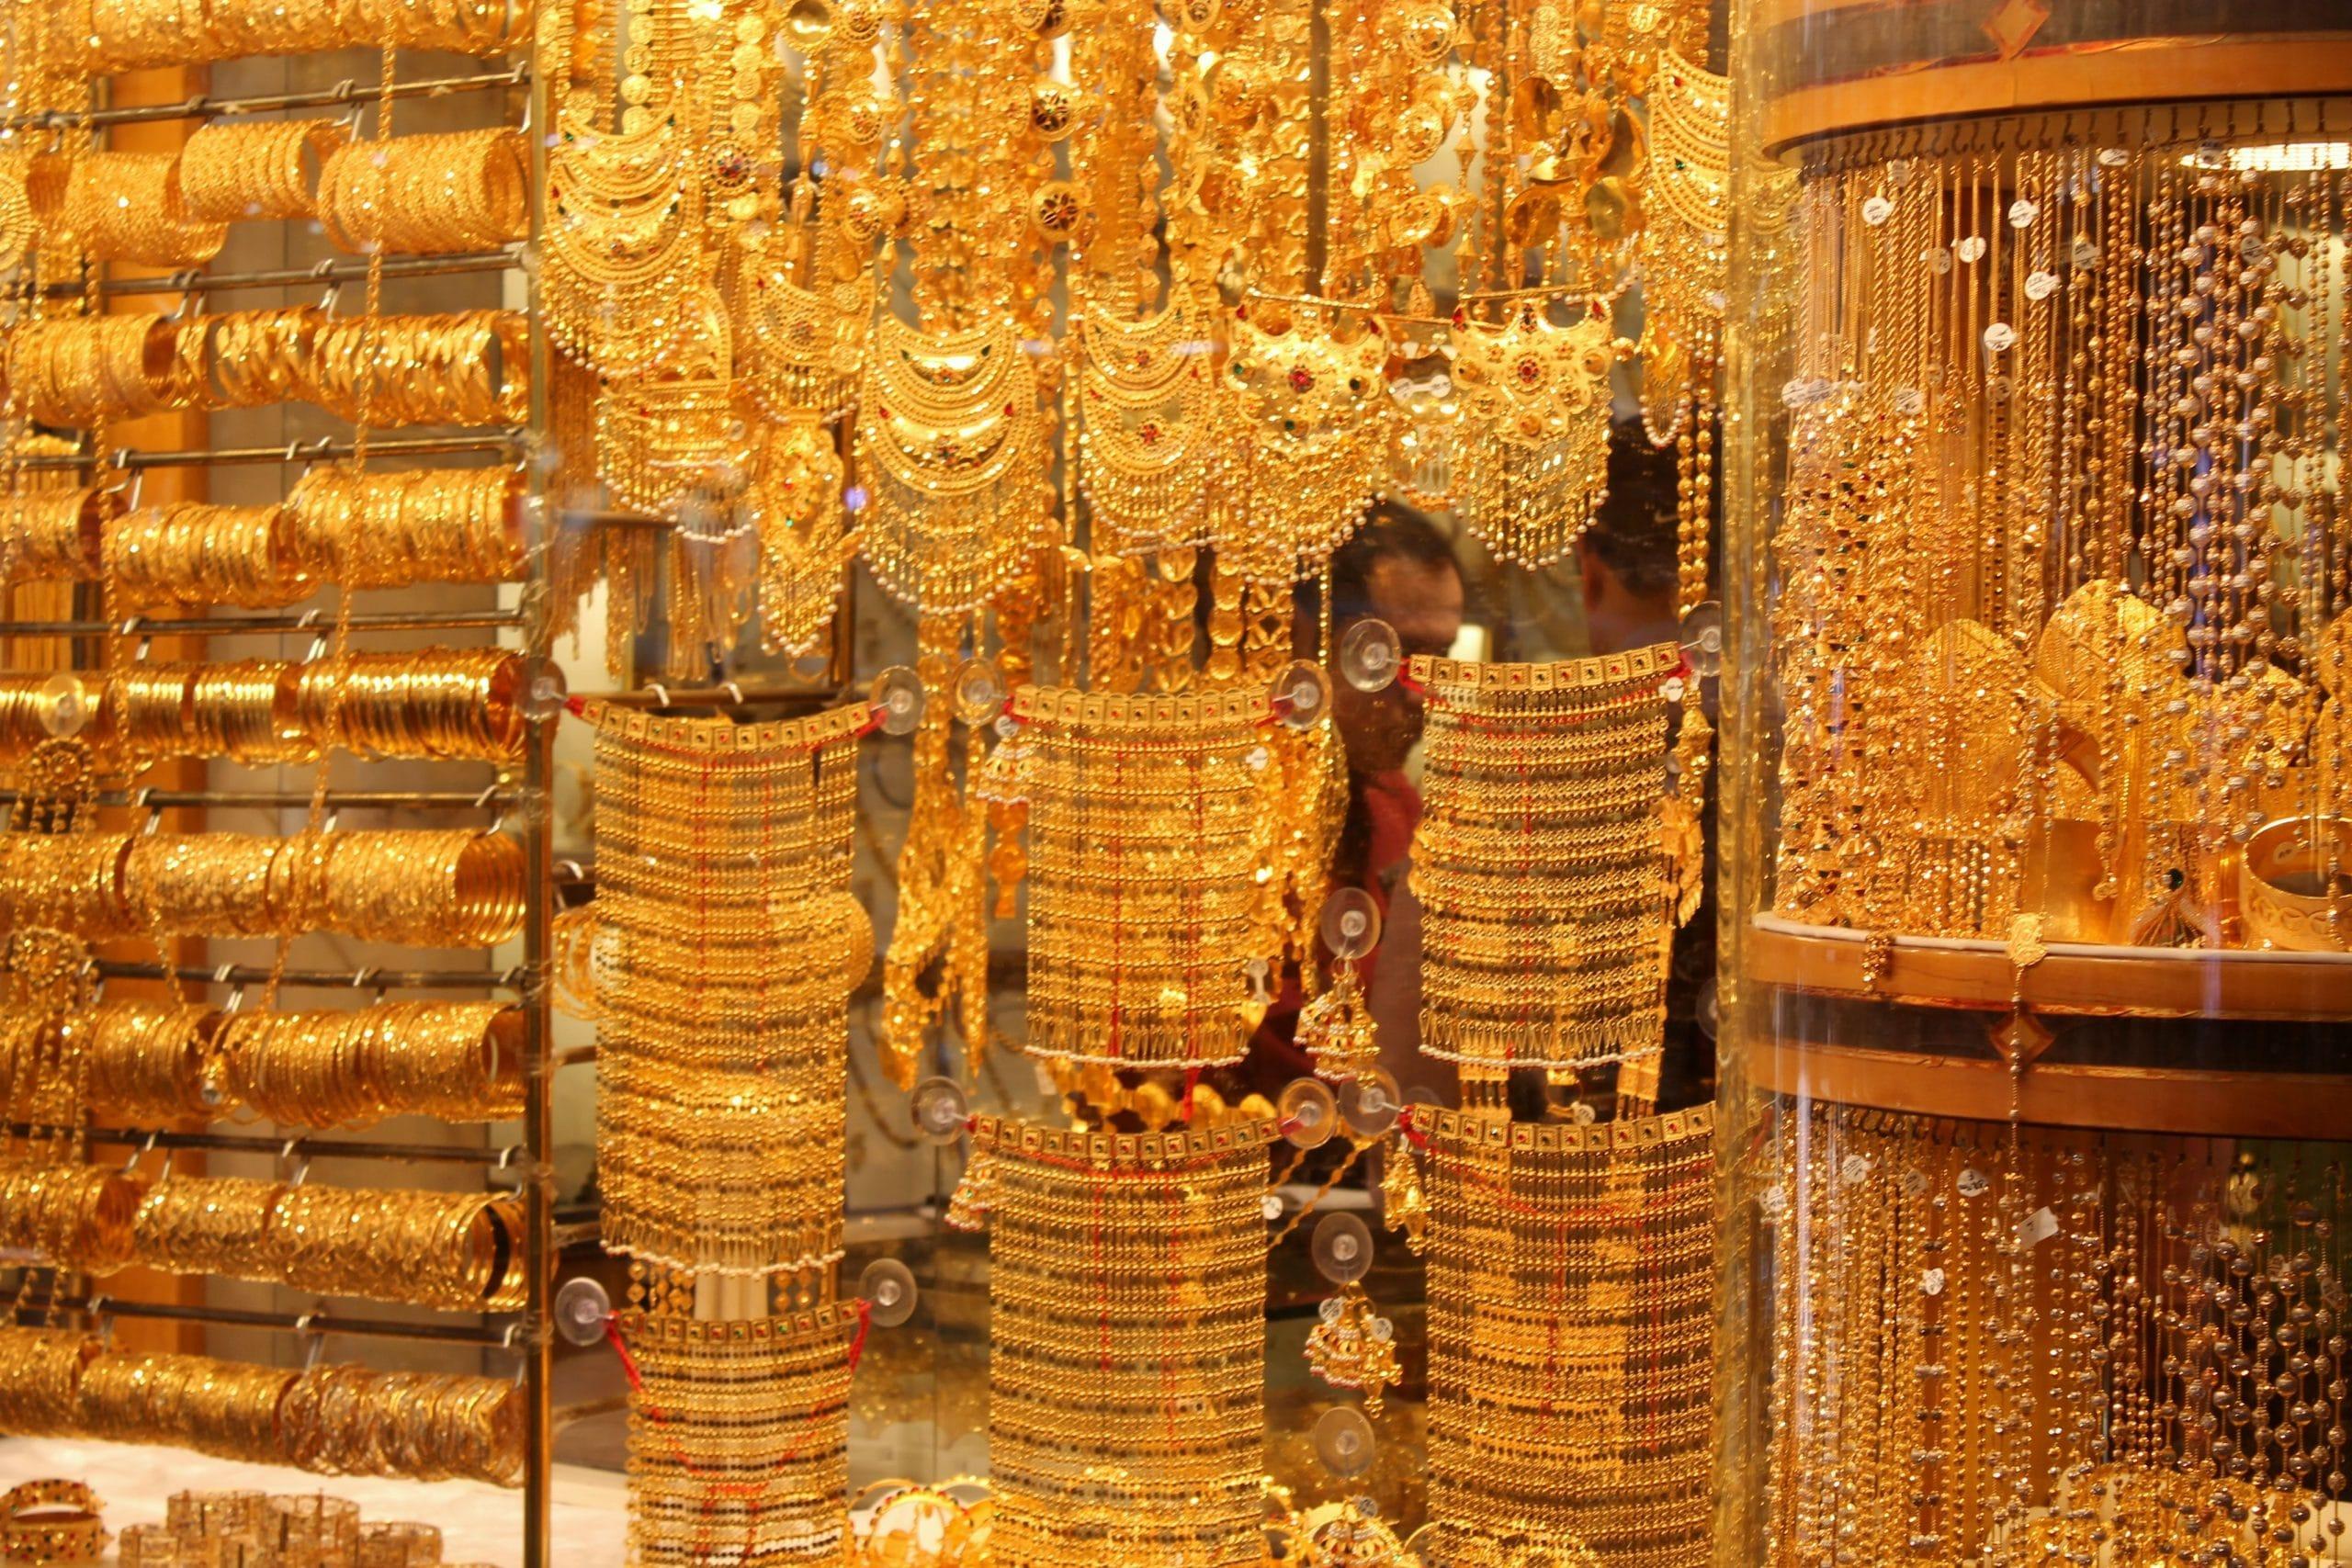 أماكن بيع الذهب في الكويت